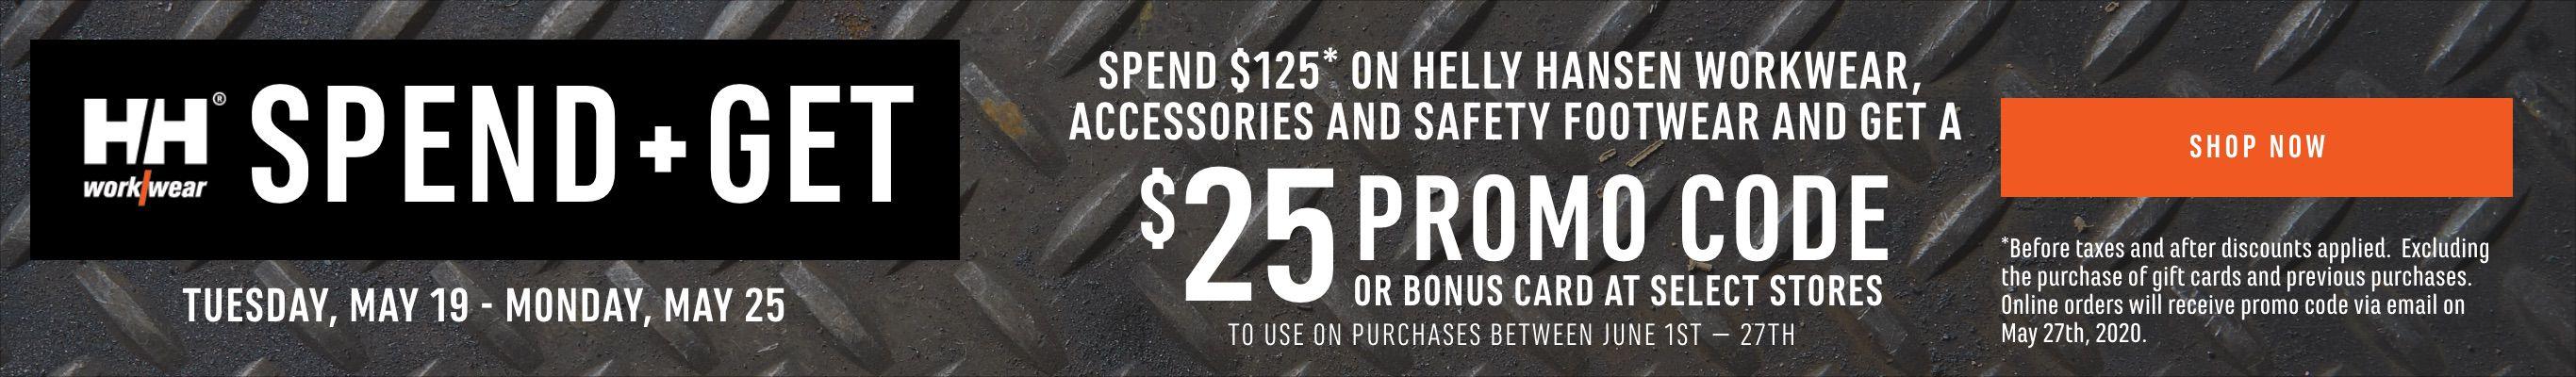 Spend $125, Get $25, Helly Hansen Workwear, Accessories and Safety Footwear